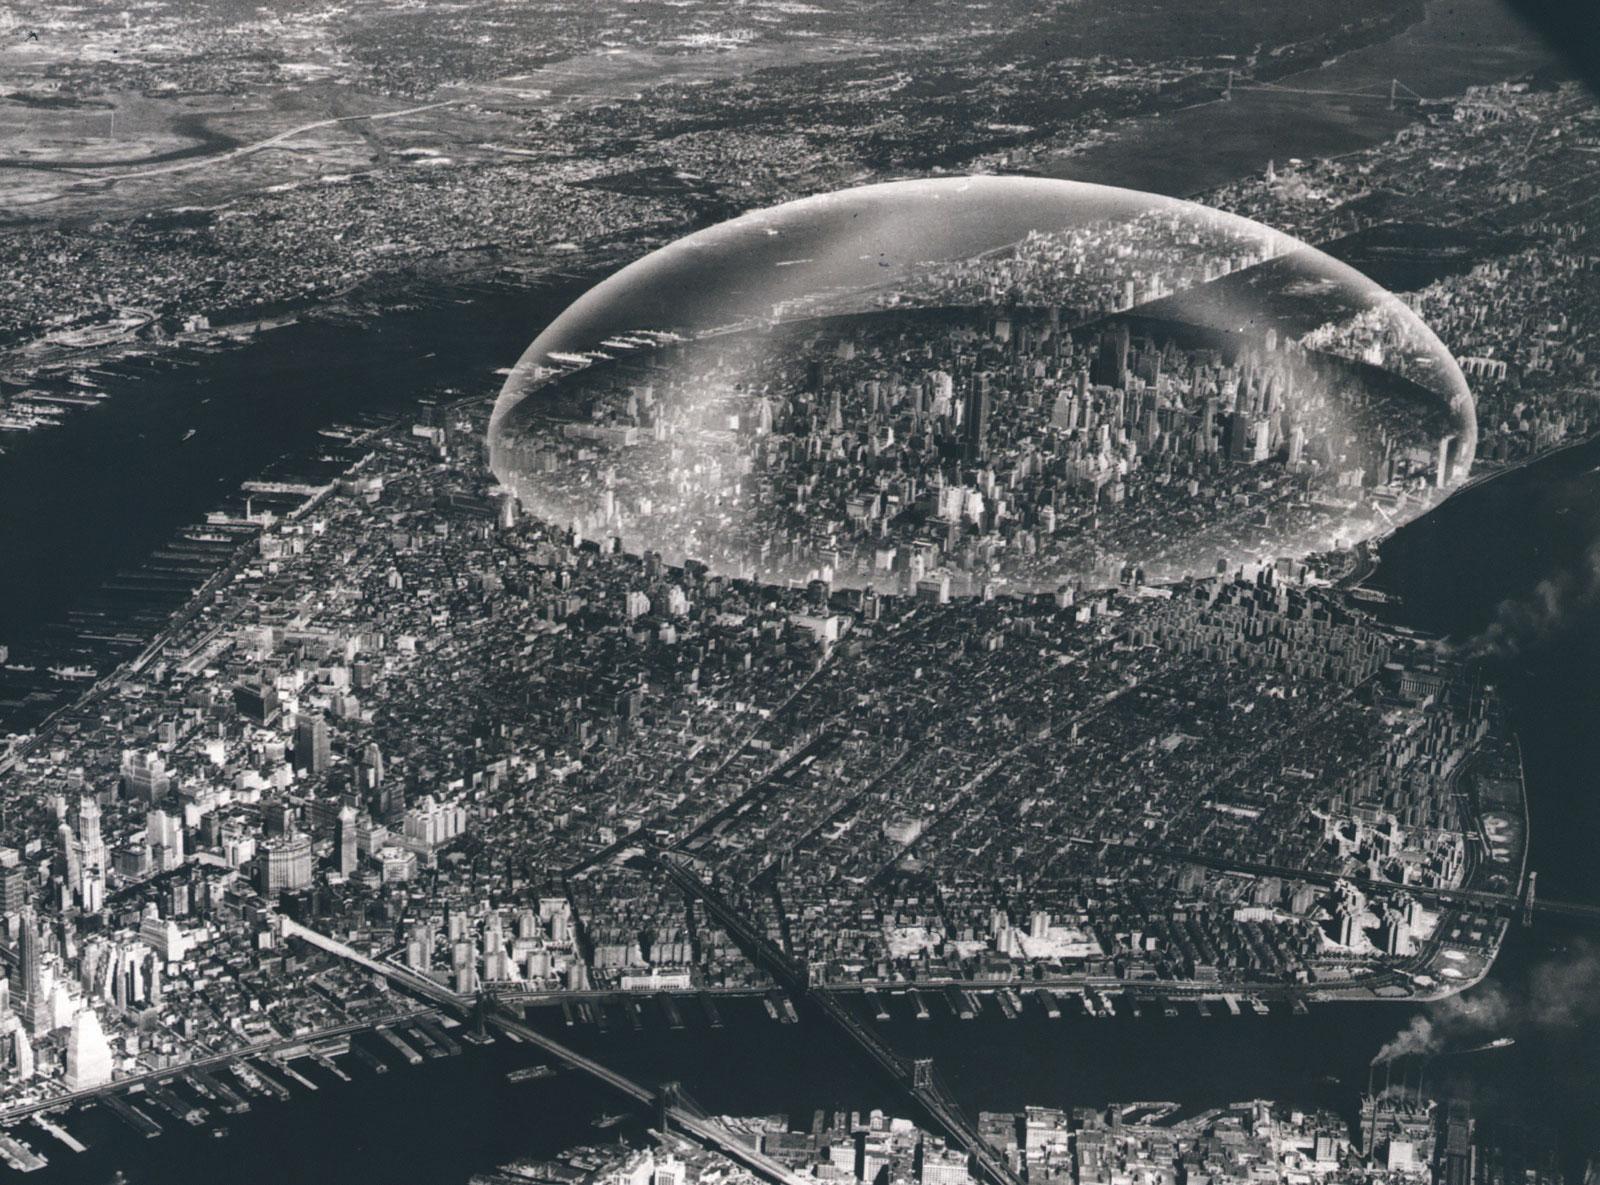 R. Buckminster Fuller's plan for a dome over Manhattan, 1961